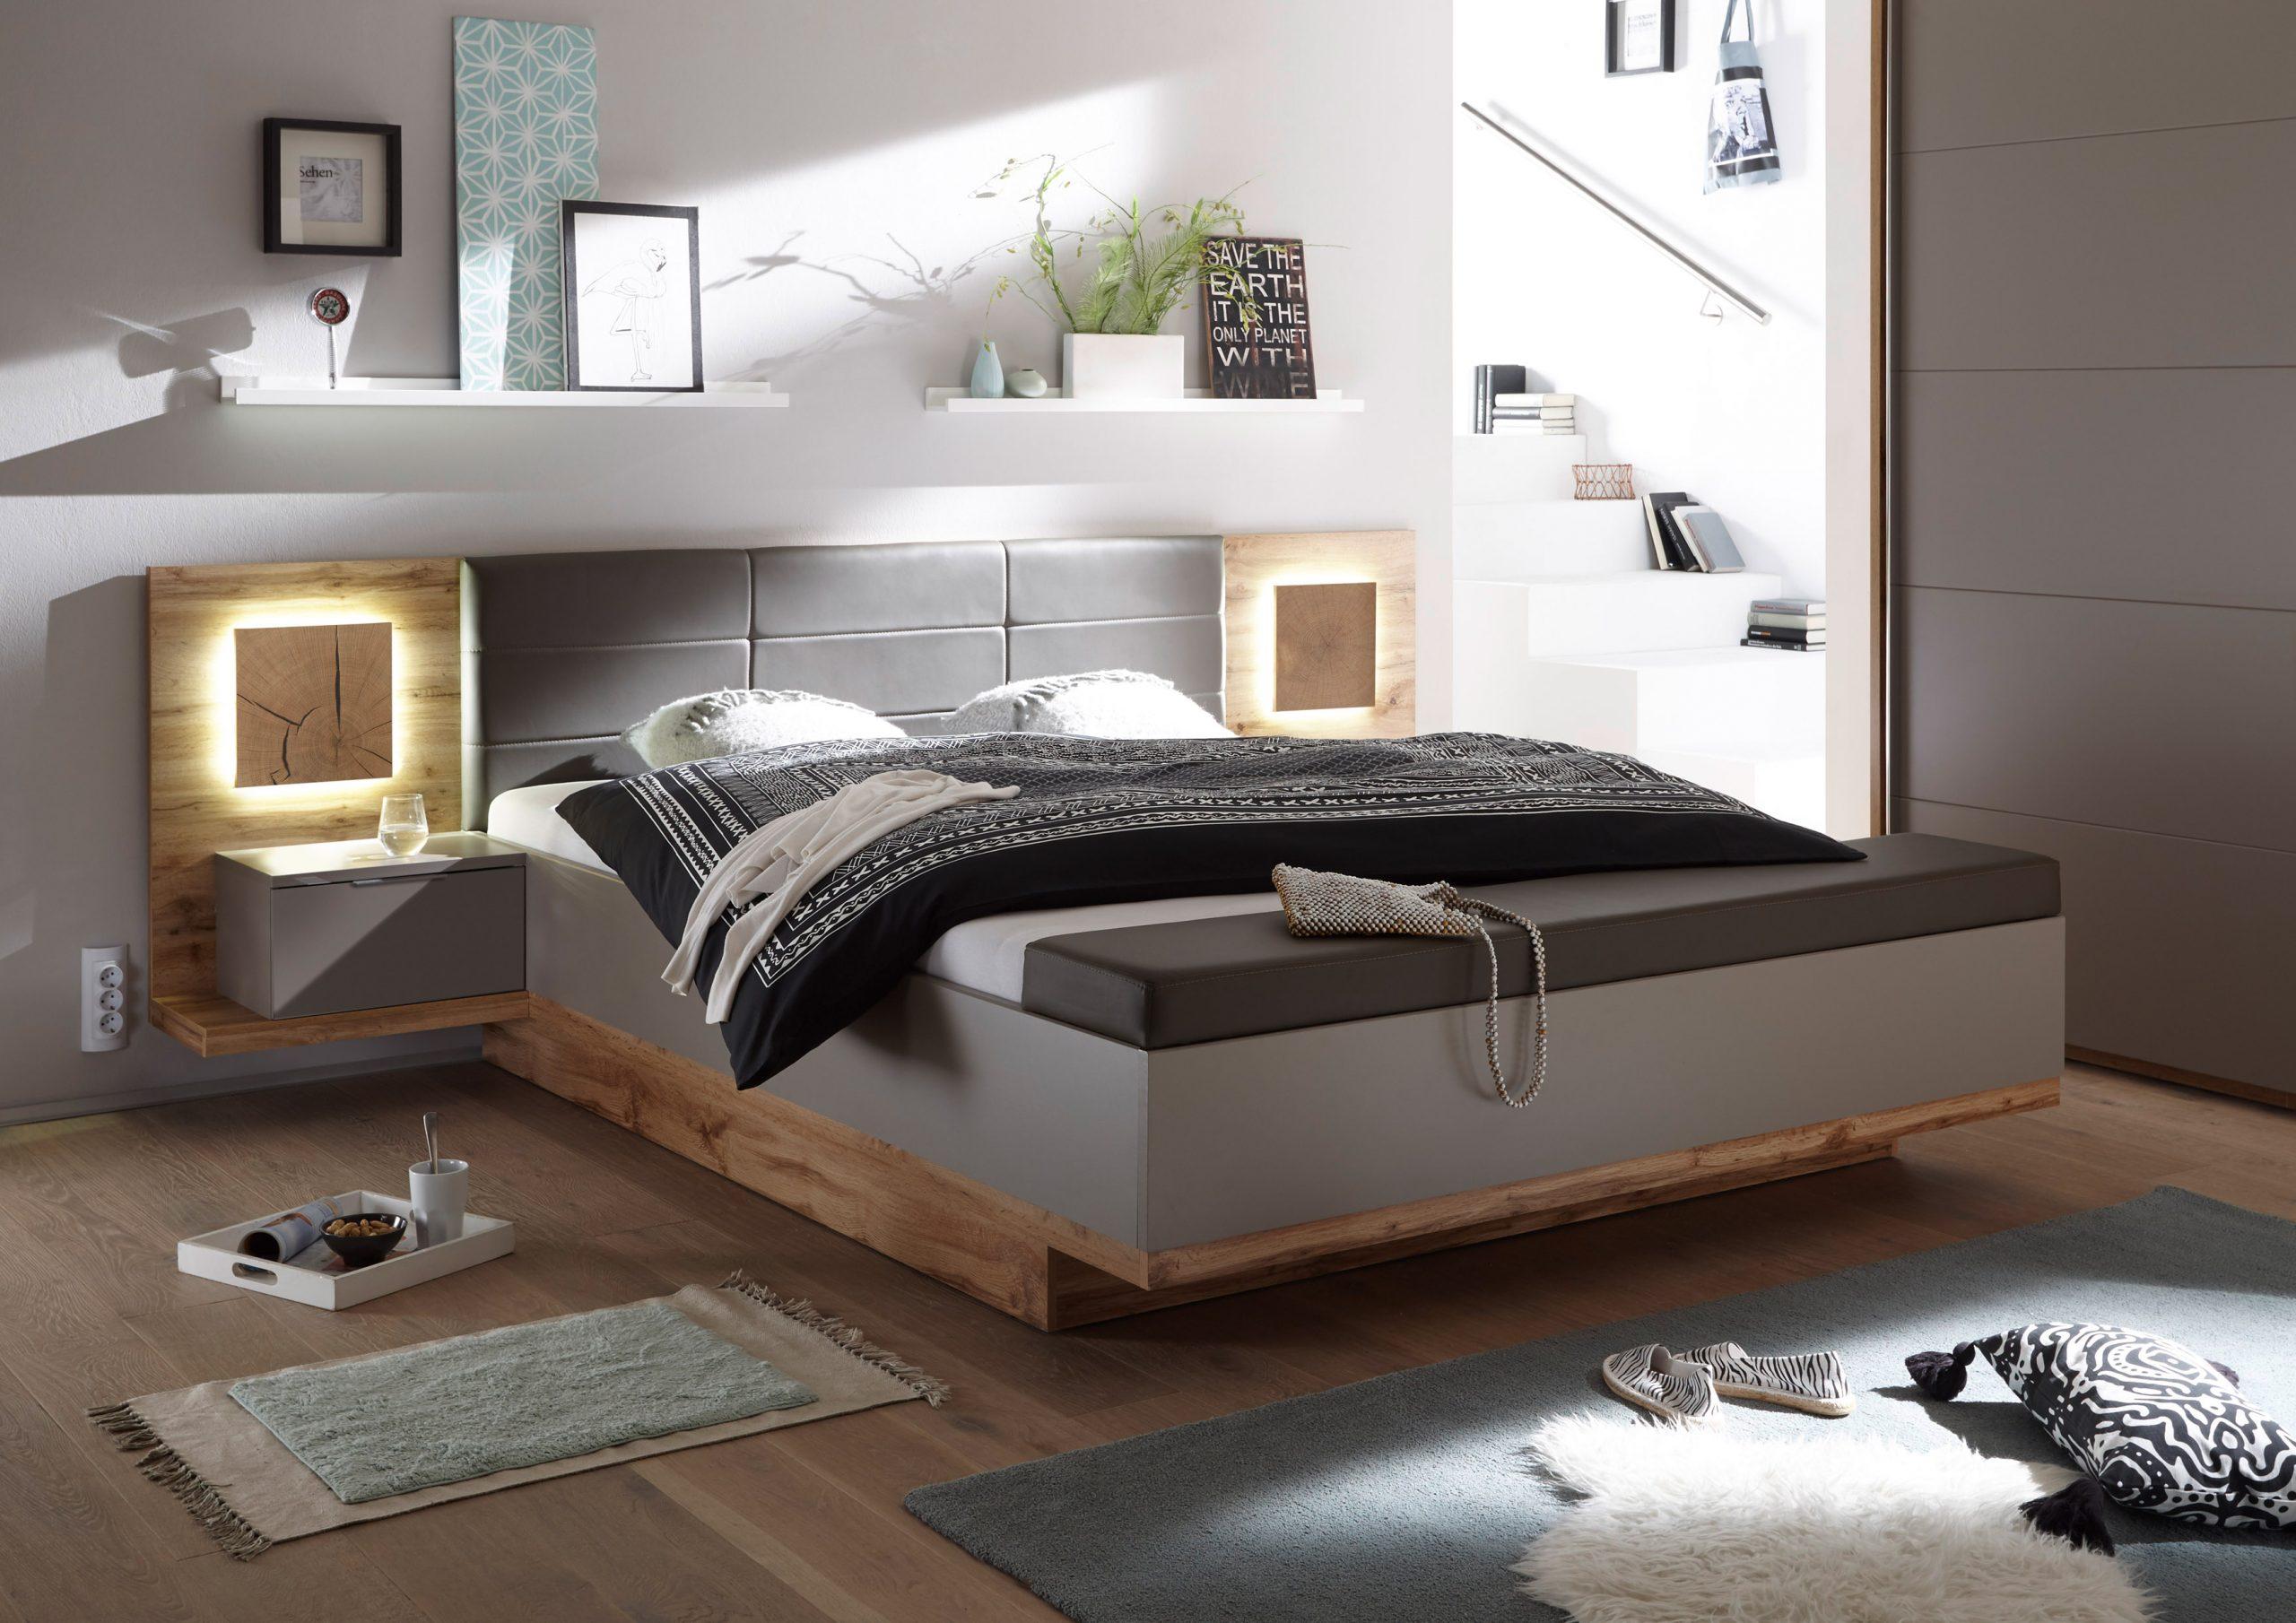 Full Size of Graues Bett 160x200 Ikea Dunkel Samtsofa Bettlaken Waschen 180x200 Doppelbett Nachtkommoden Capri Xl Ehebett Fussbank Boxspring Landhausstil Massiv Ruf Betten Bett Graues Bett